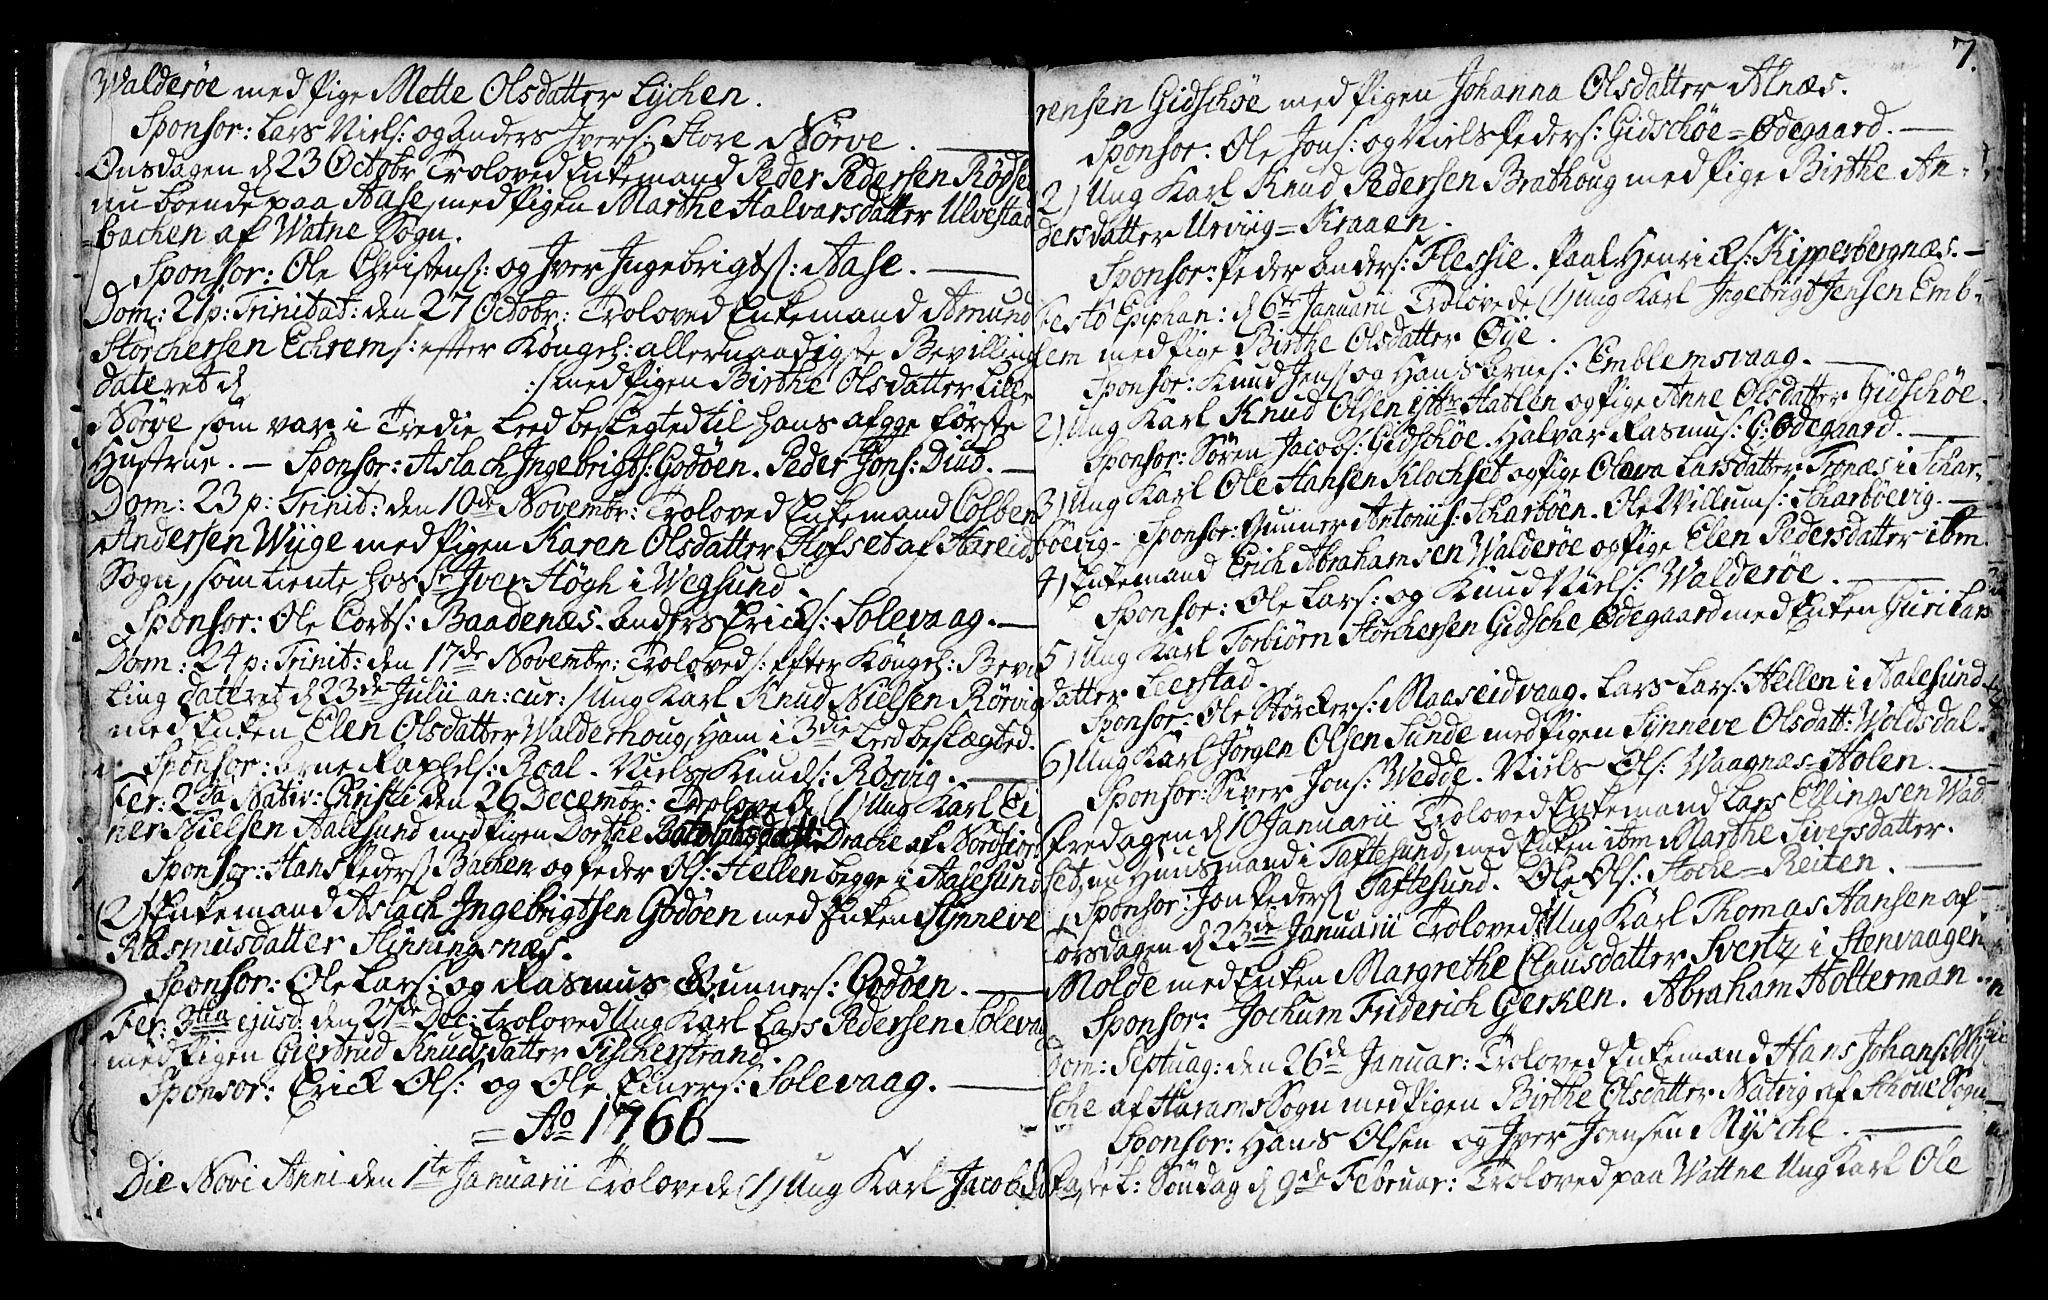 SAT, Ministerialprotokoller, klokkerbøker og fødselsregistre - Møre og Romsdal, 528/L0392: Ministerialbok nr. 528A03, 1762-1800, s. 7